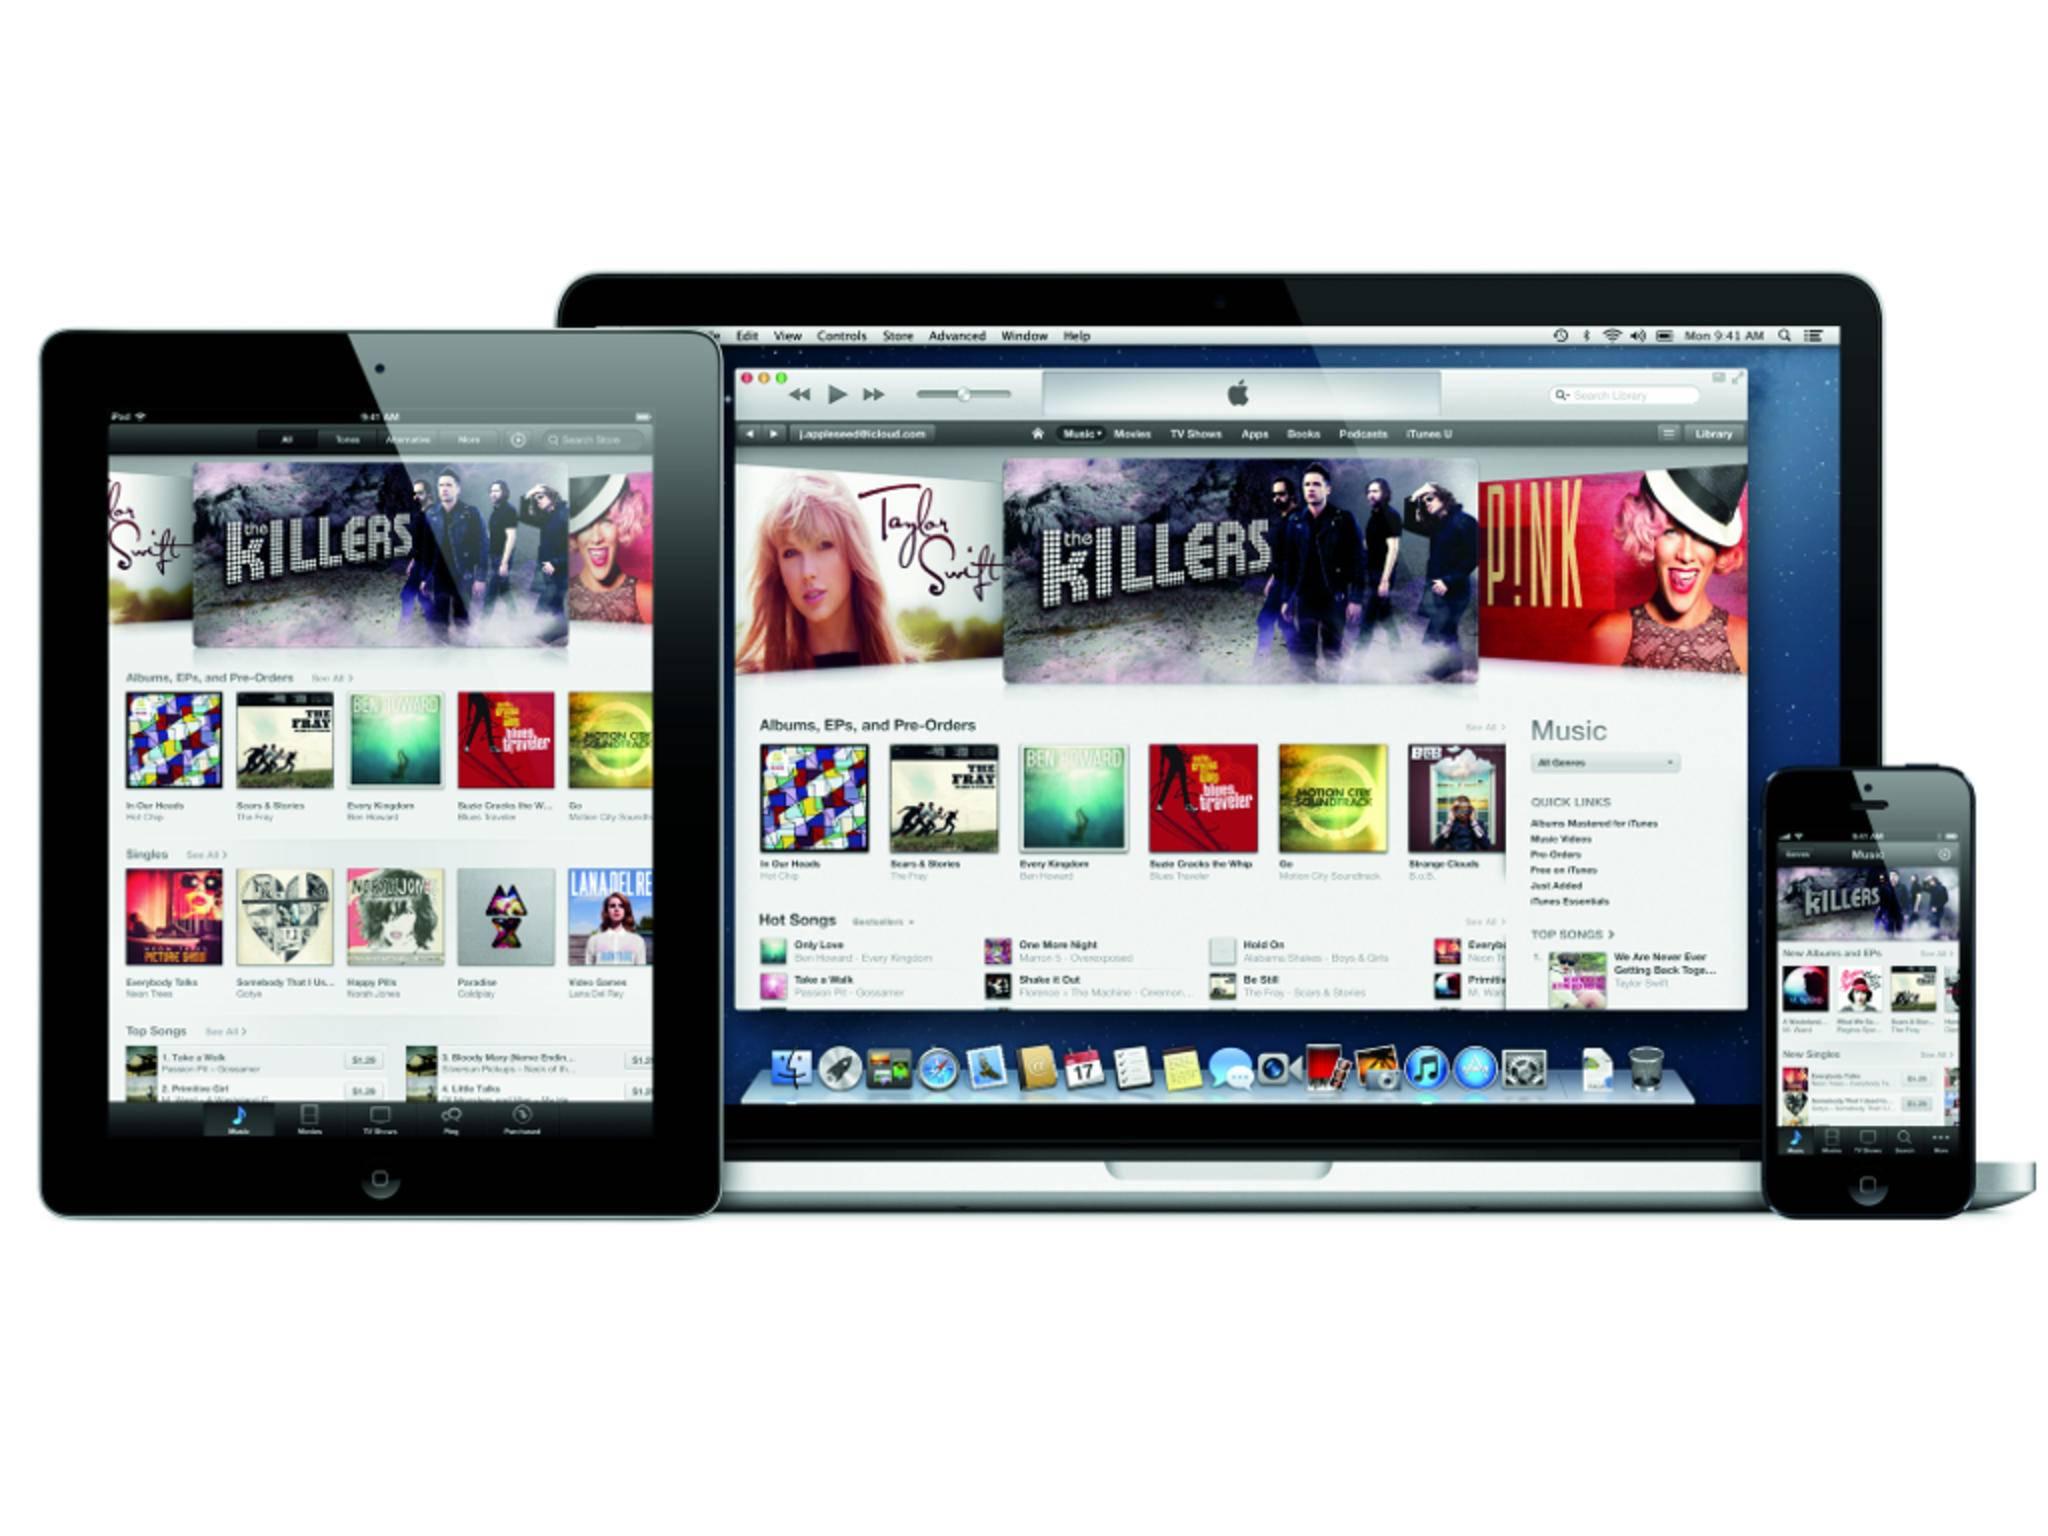 Ein Bug in iTunes 12.2 bringt die Musikbibliothek durcheinander.